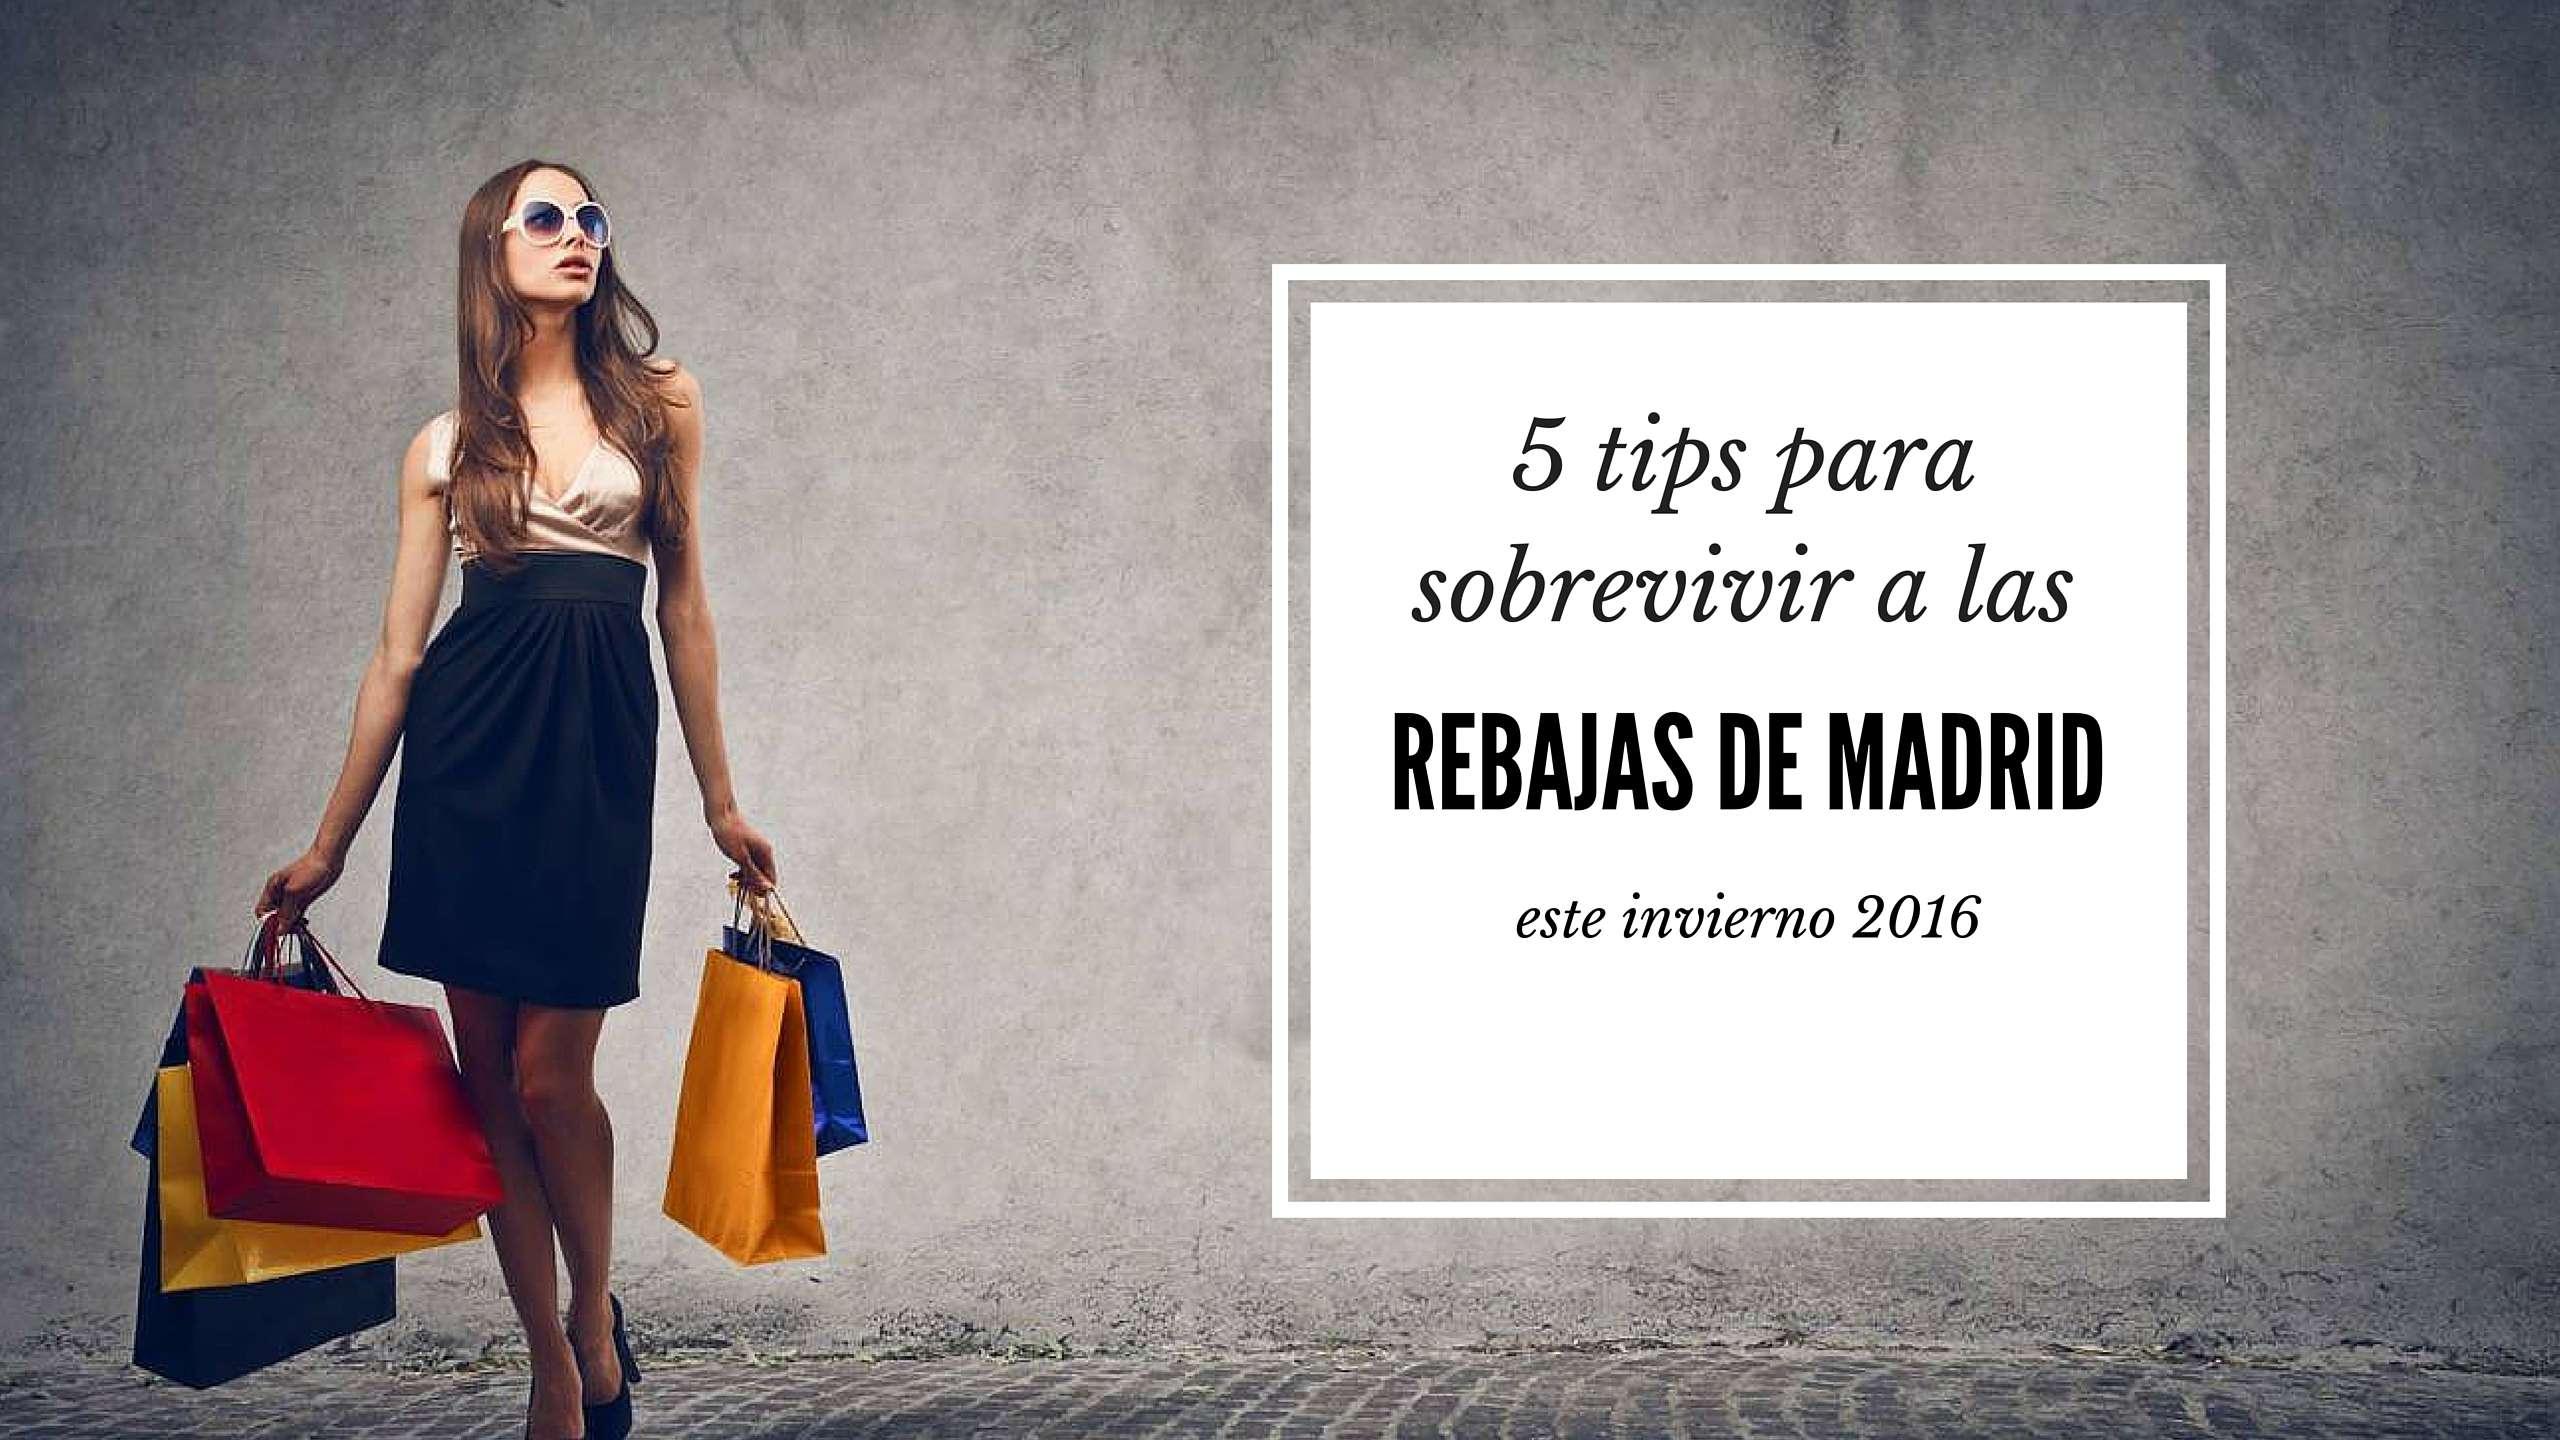 sobrevivir a las rebajas de Madrid este invierno 2016 - chica 2